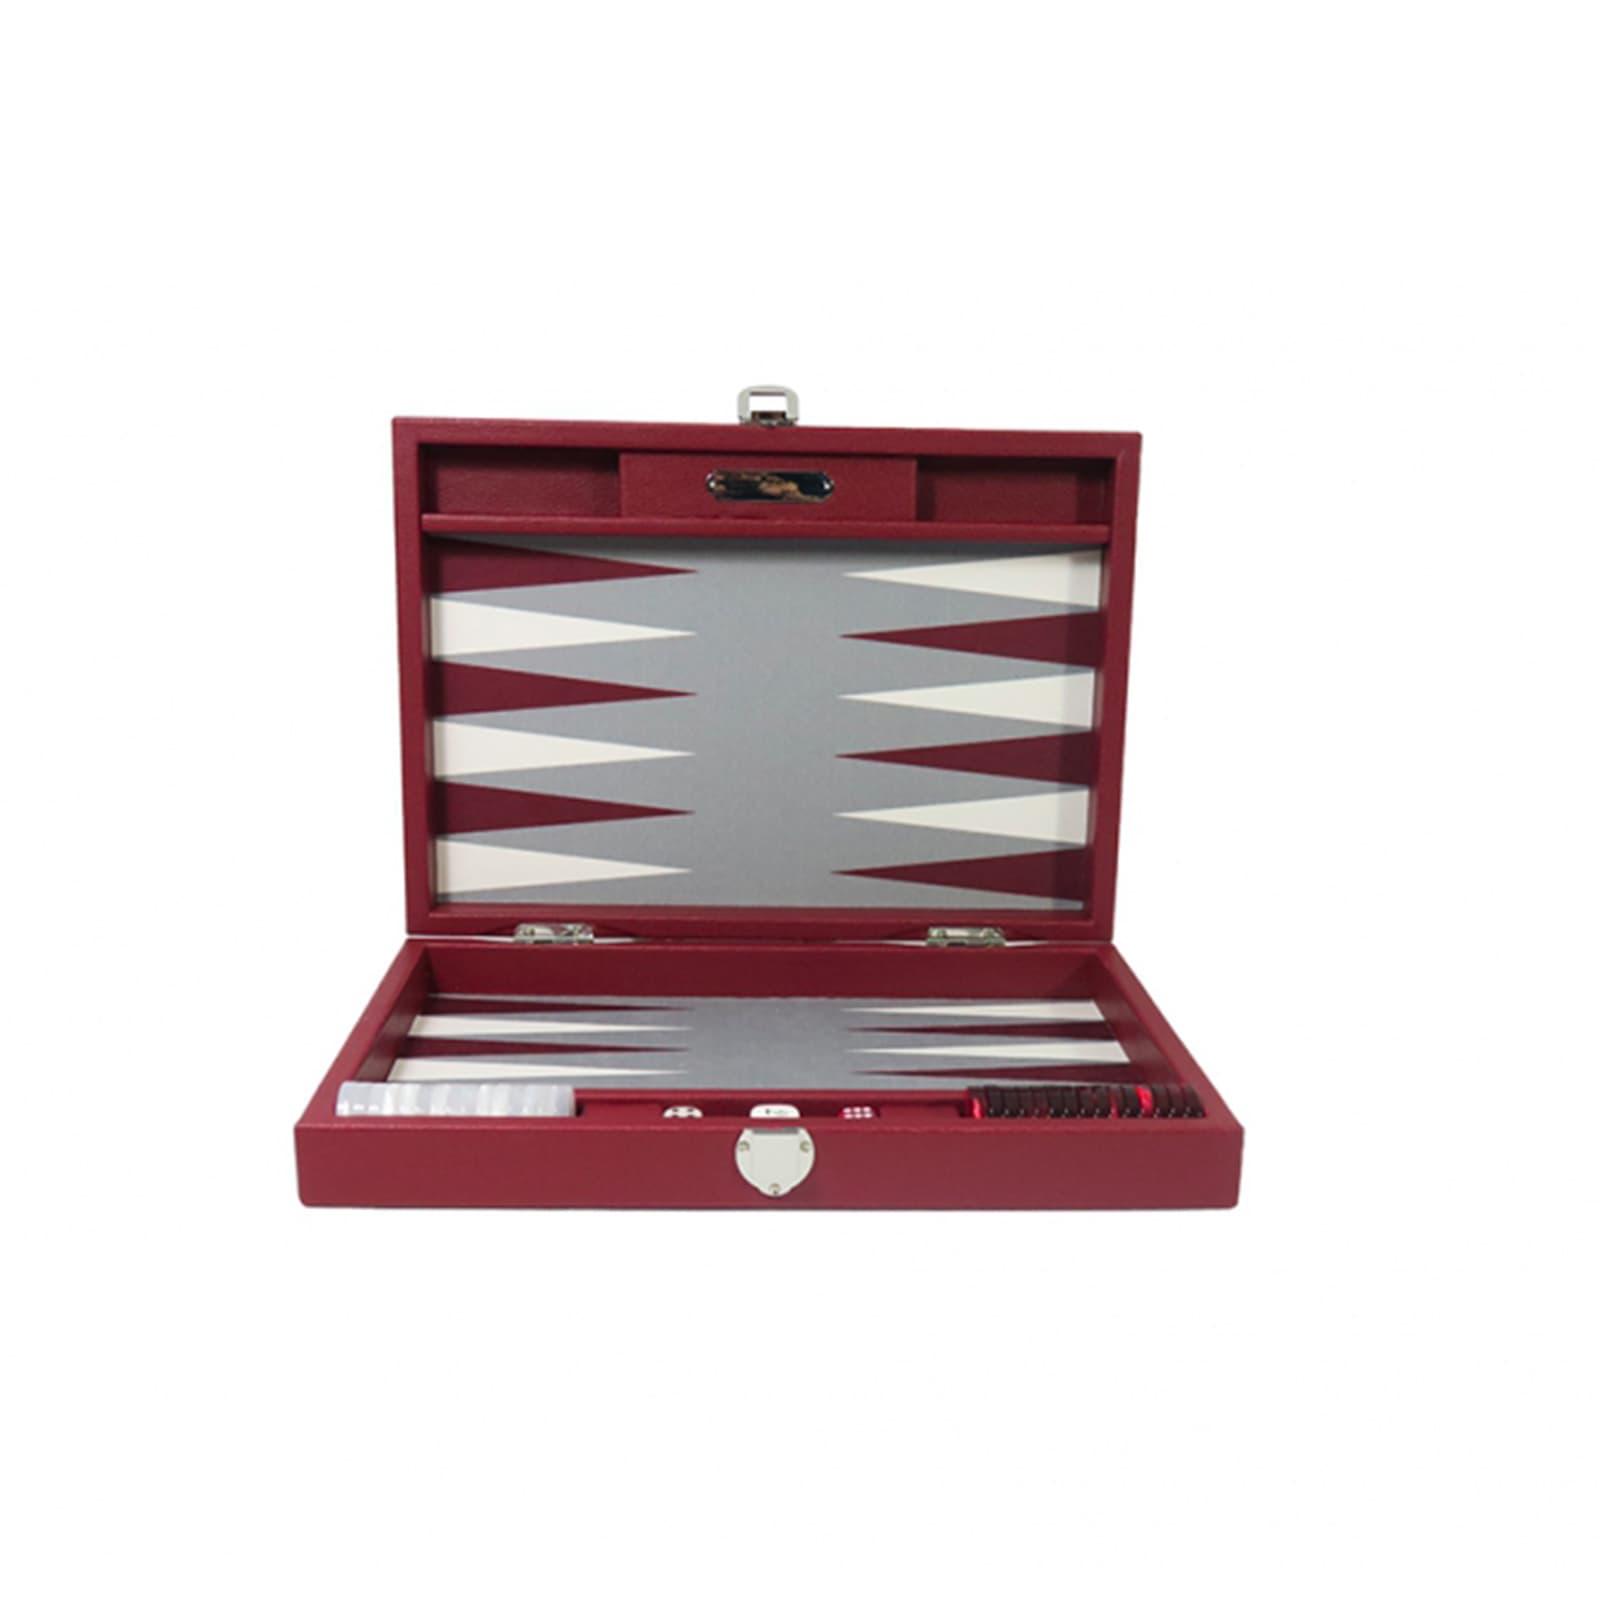 Backgammon -  Canvas  (25 x 37/geöffnet 50 x 37 in cm) Basile  medium Hector Saxe